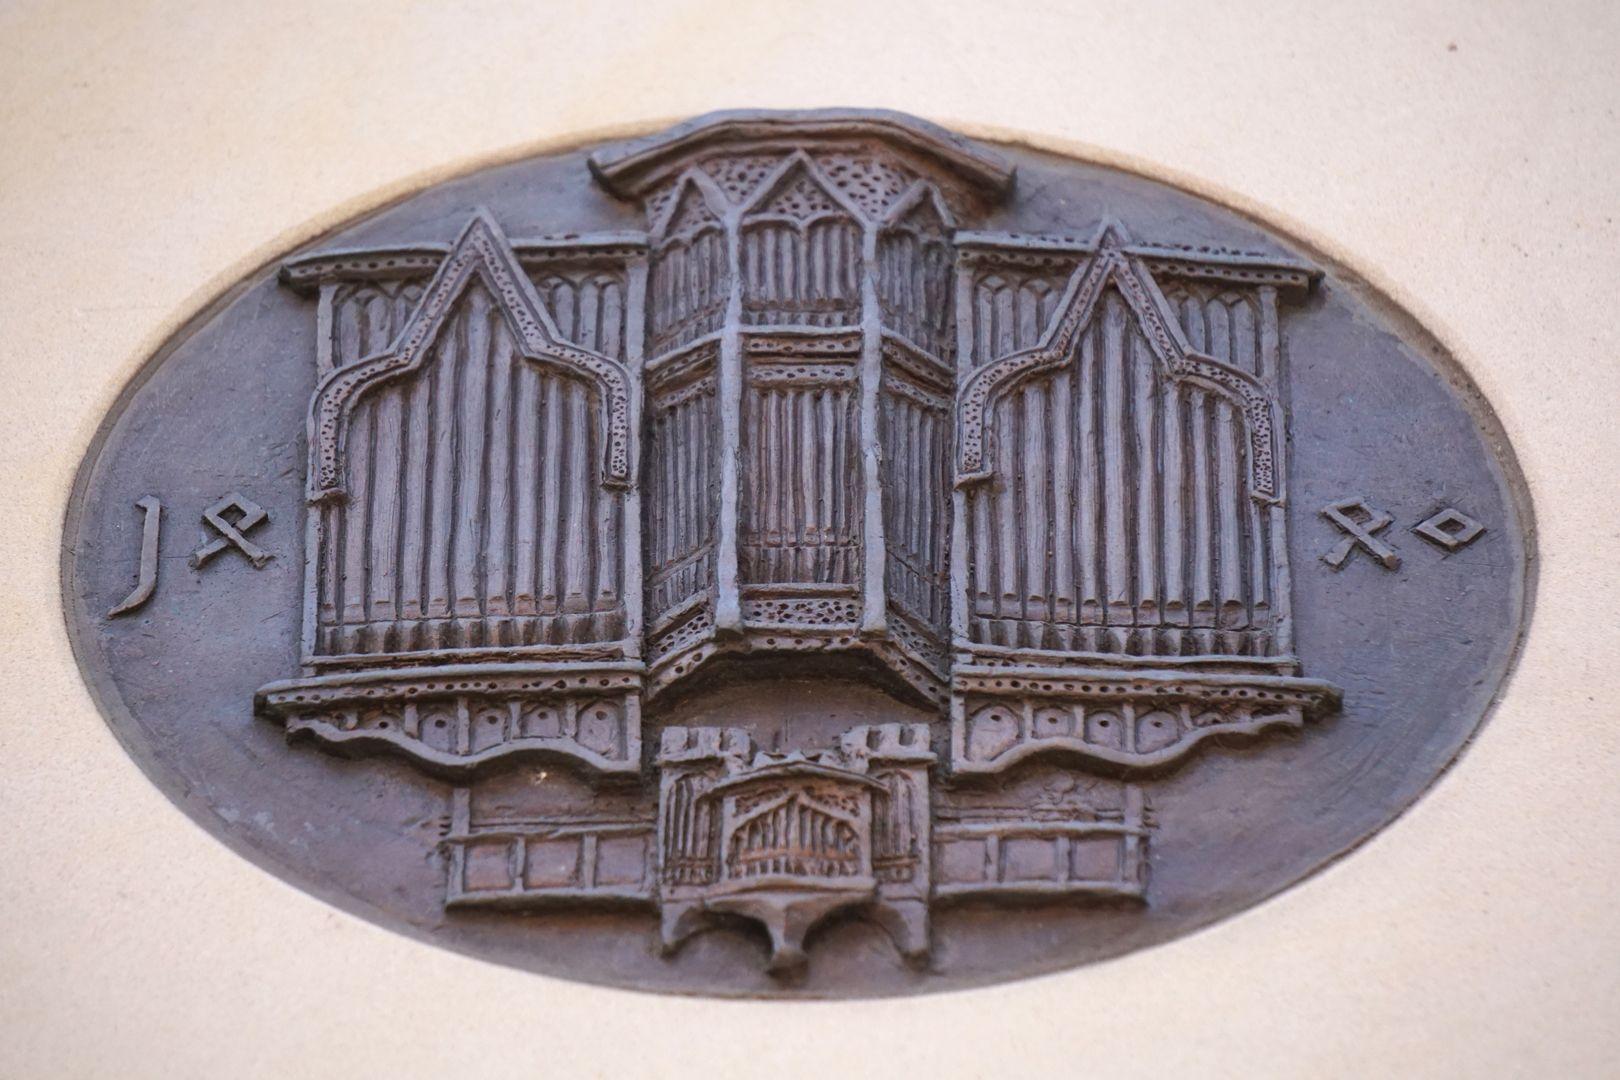 Pachelbel-Gedenktafel Darstellung der Traxdorf-Orgel, Schrägsicht von unten